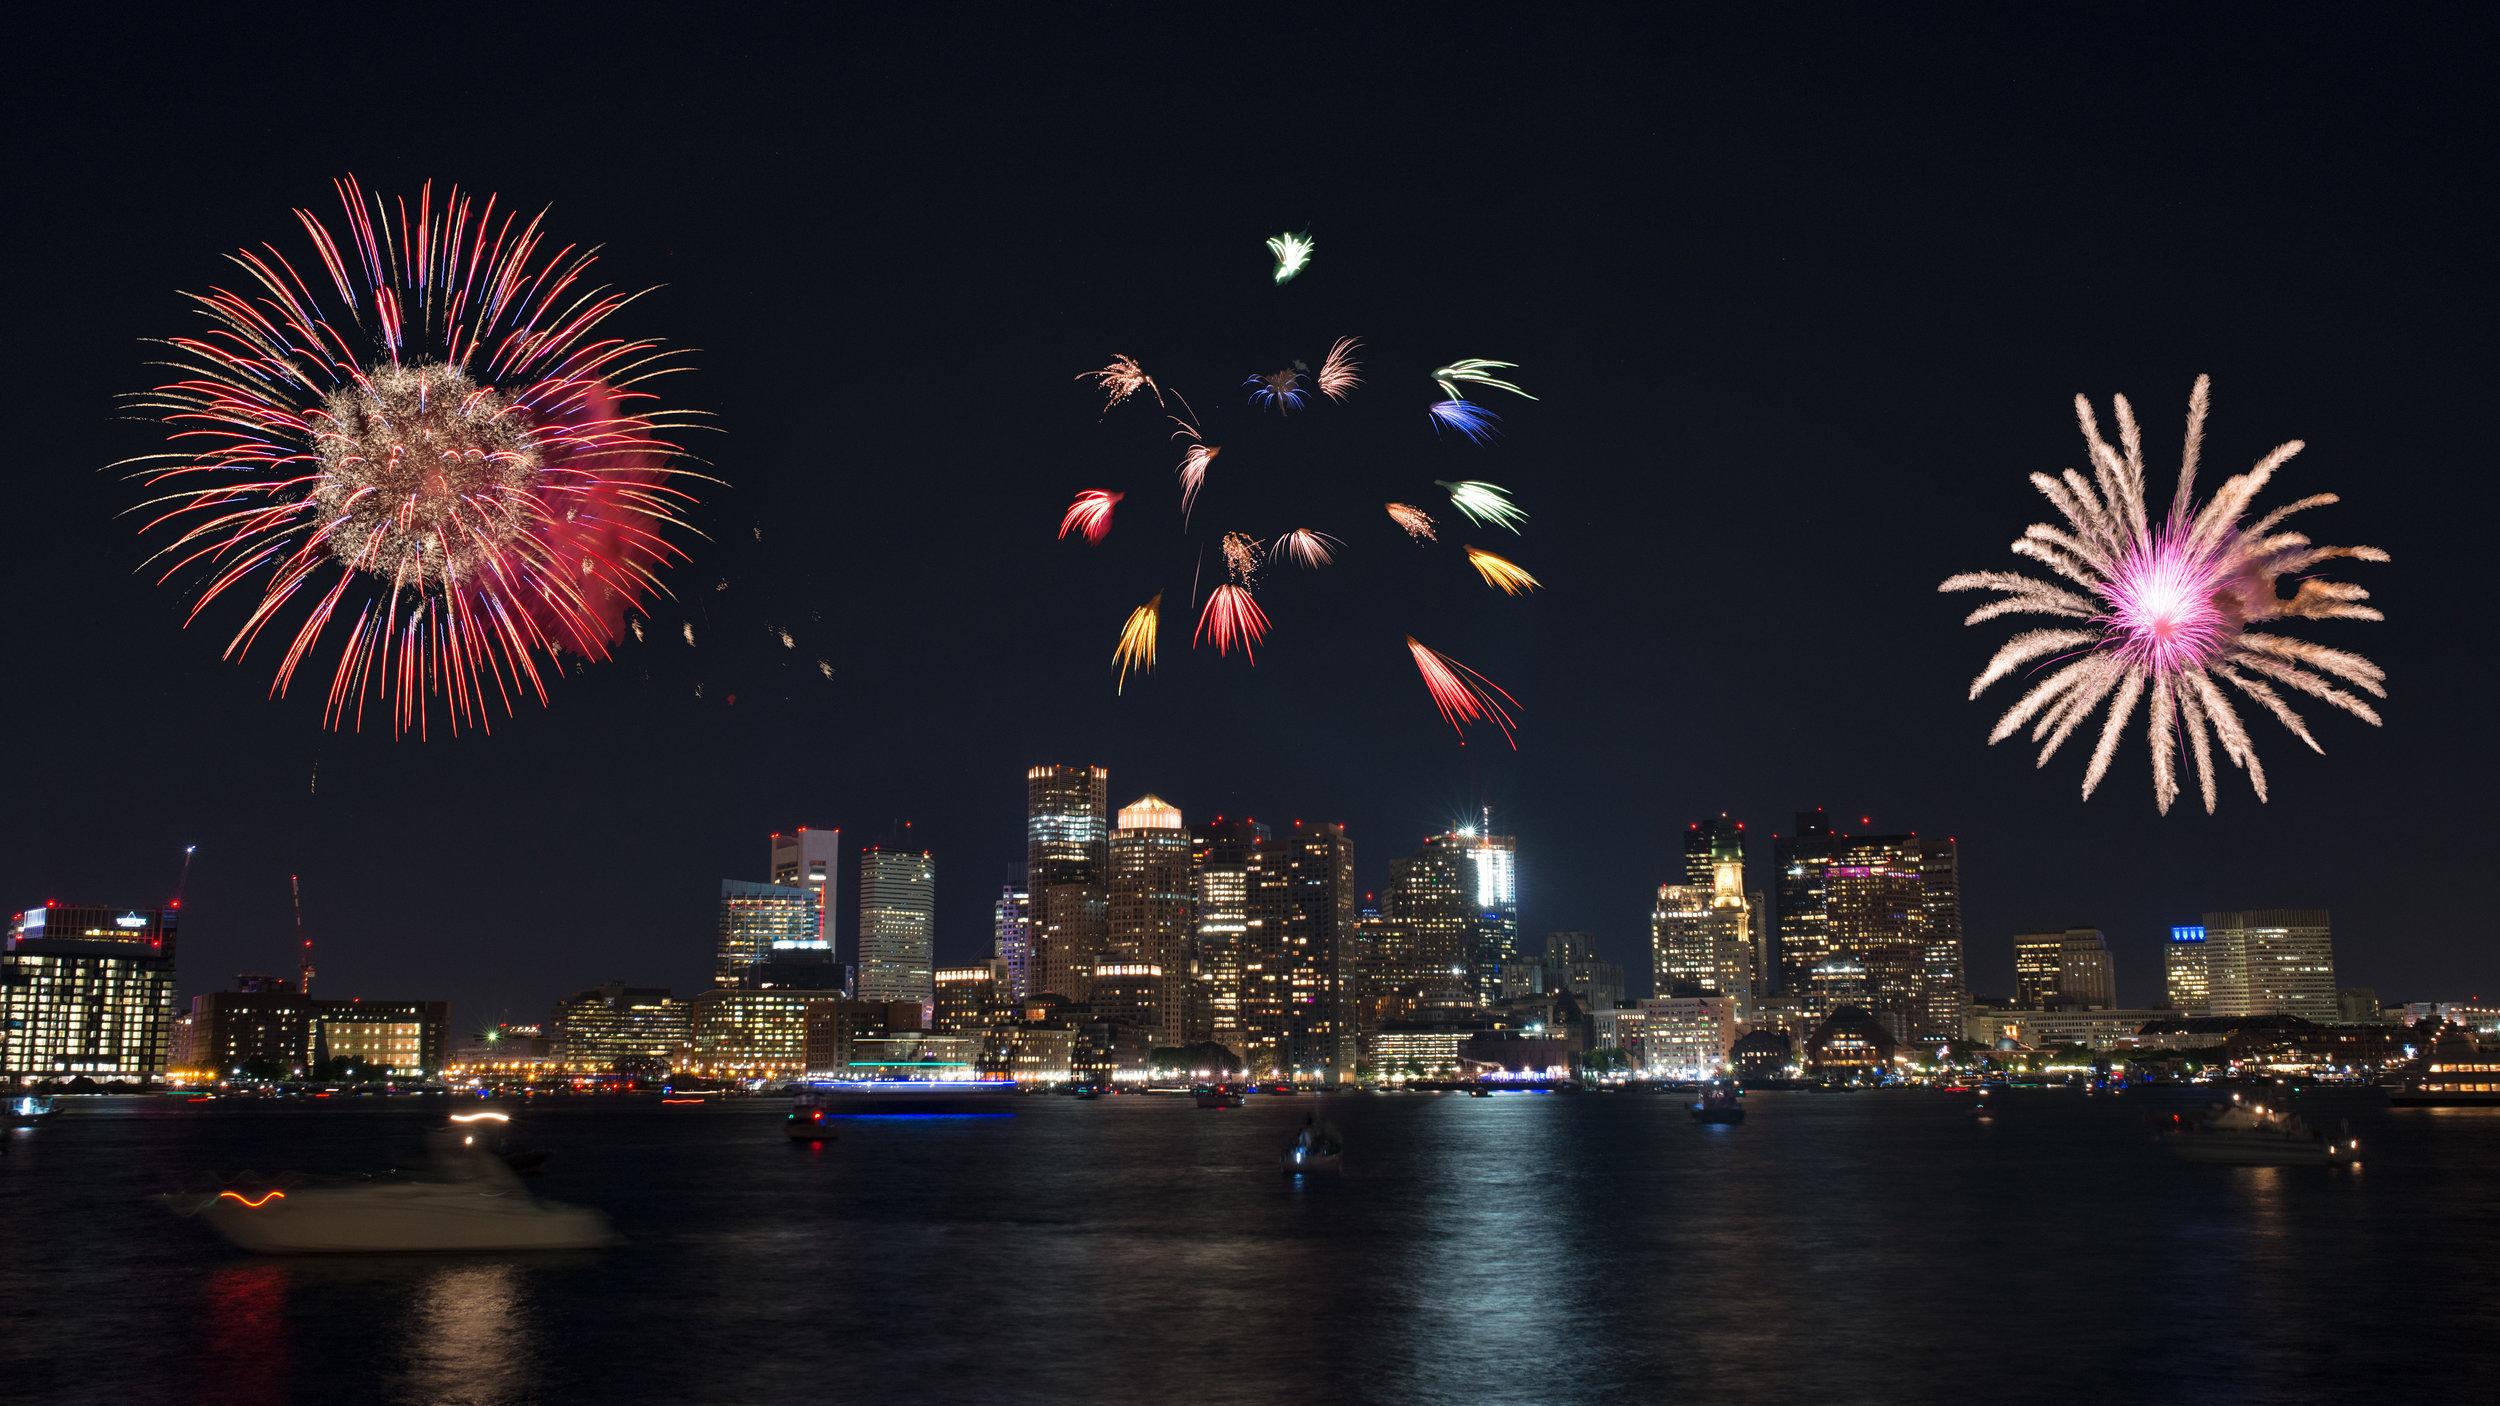 Boston_Harbor_Fireworks_-_Composite_(21189670832).jpg